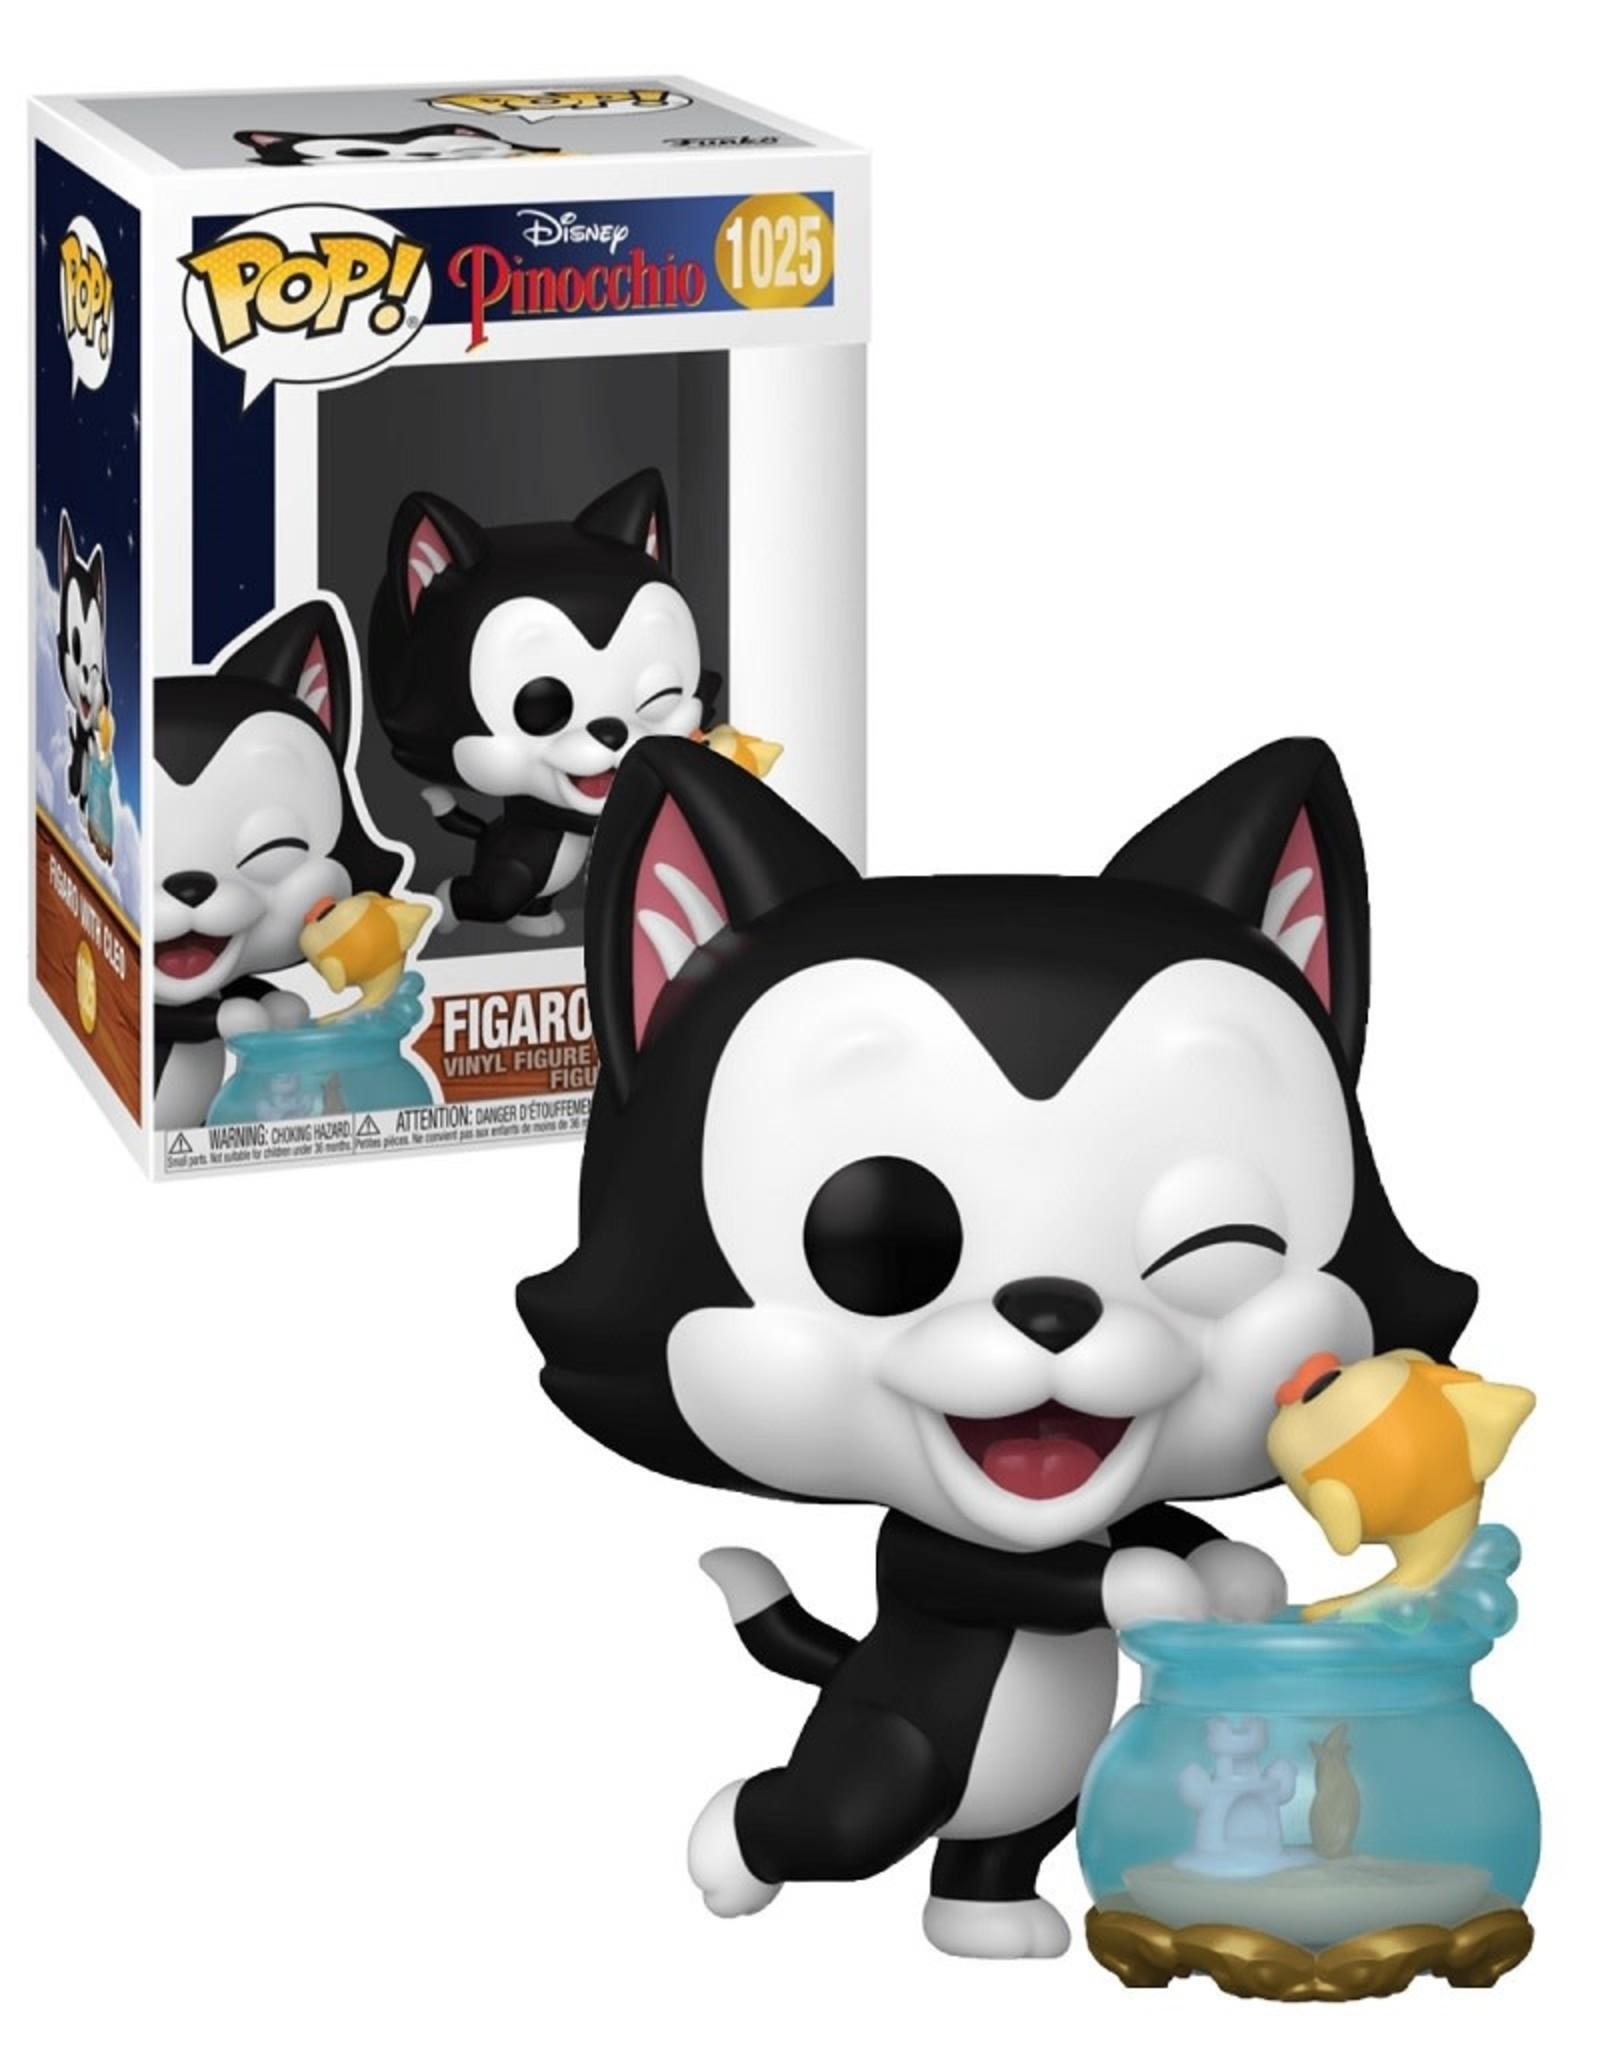 Disney 1025 ( Funko Pop ) Figaro With Cleo